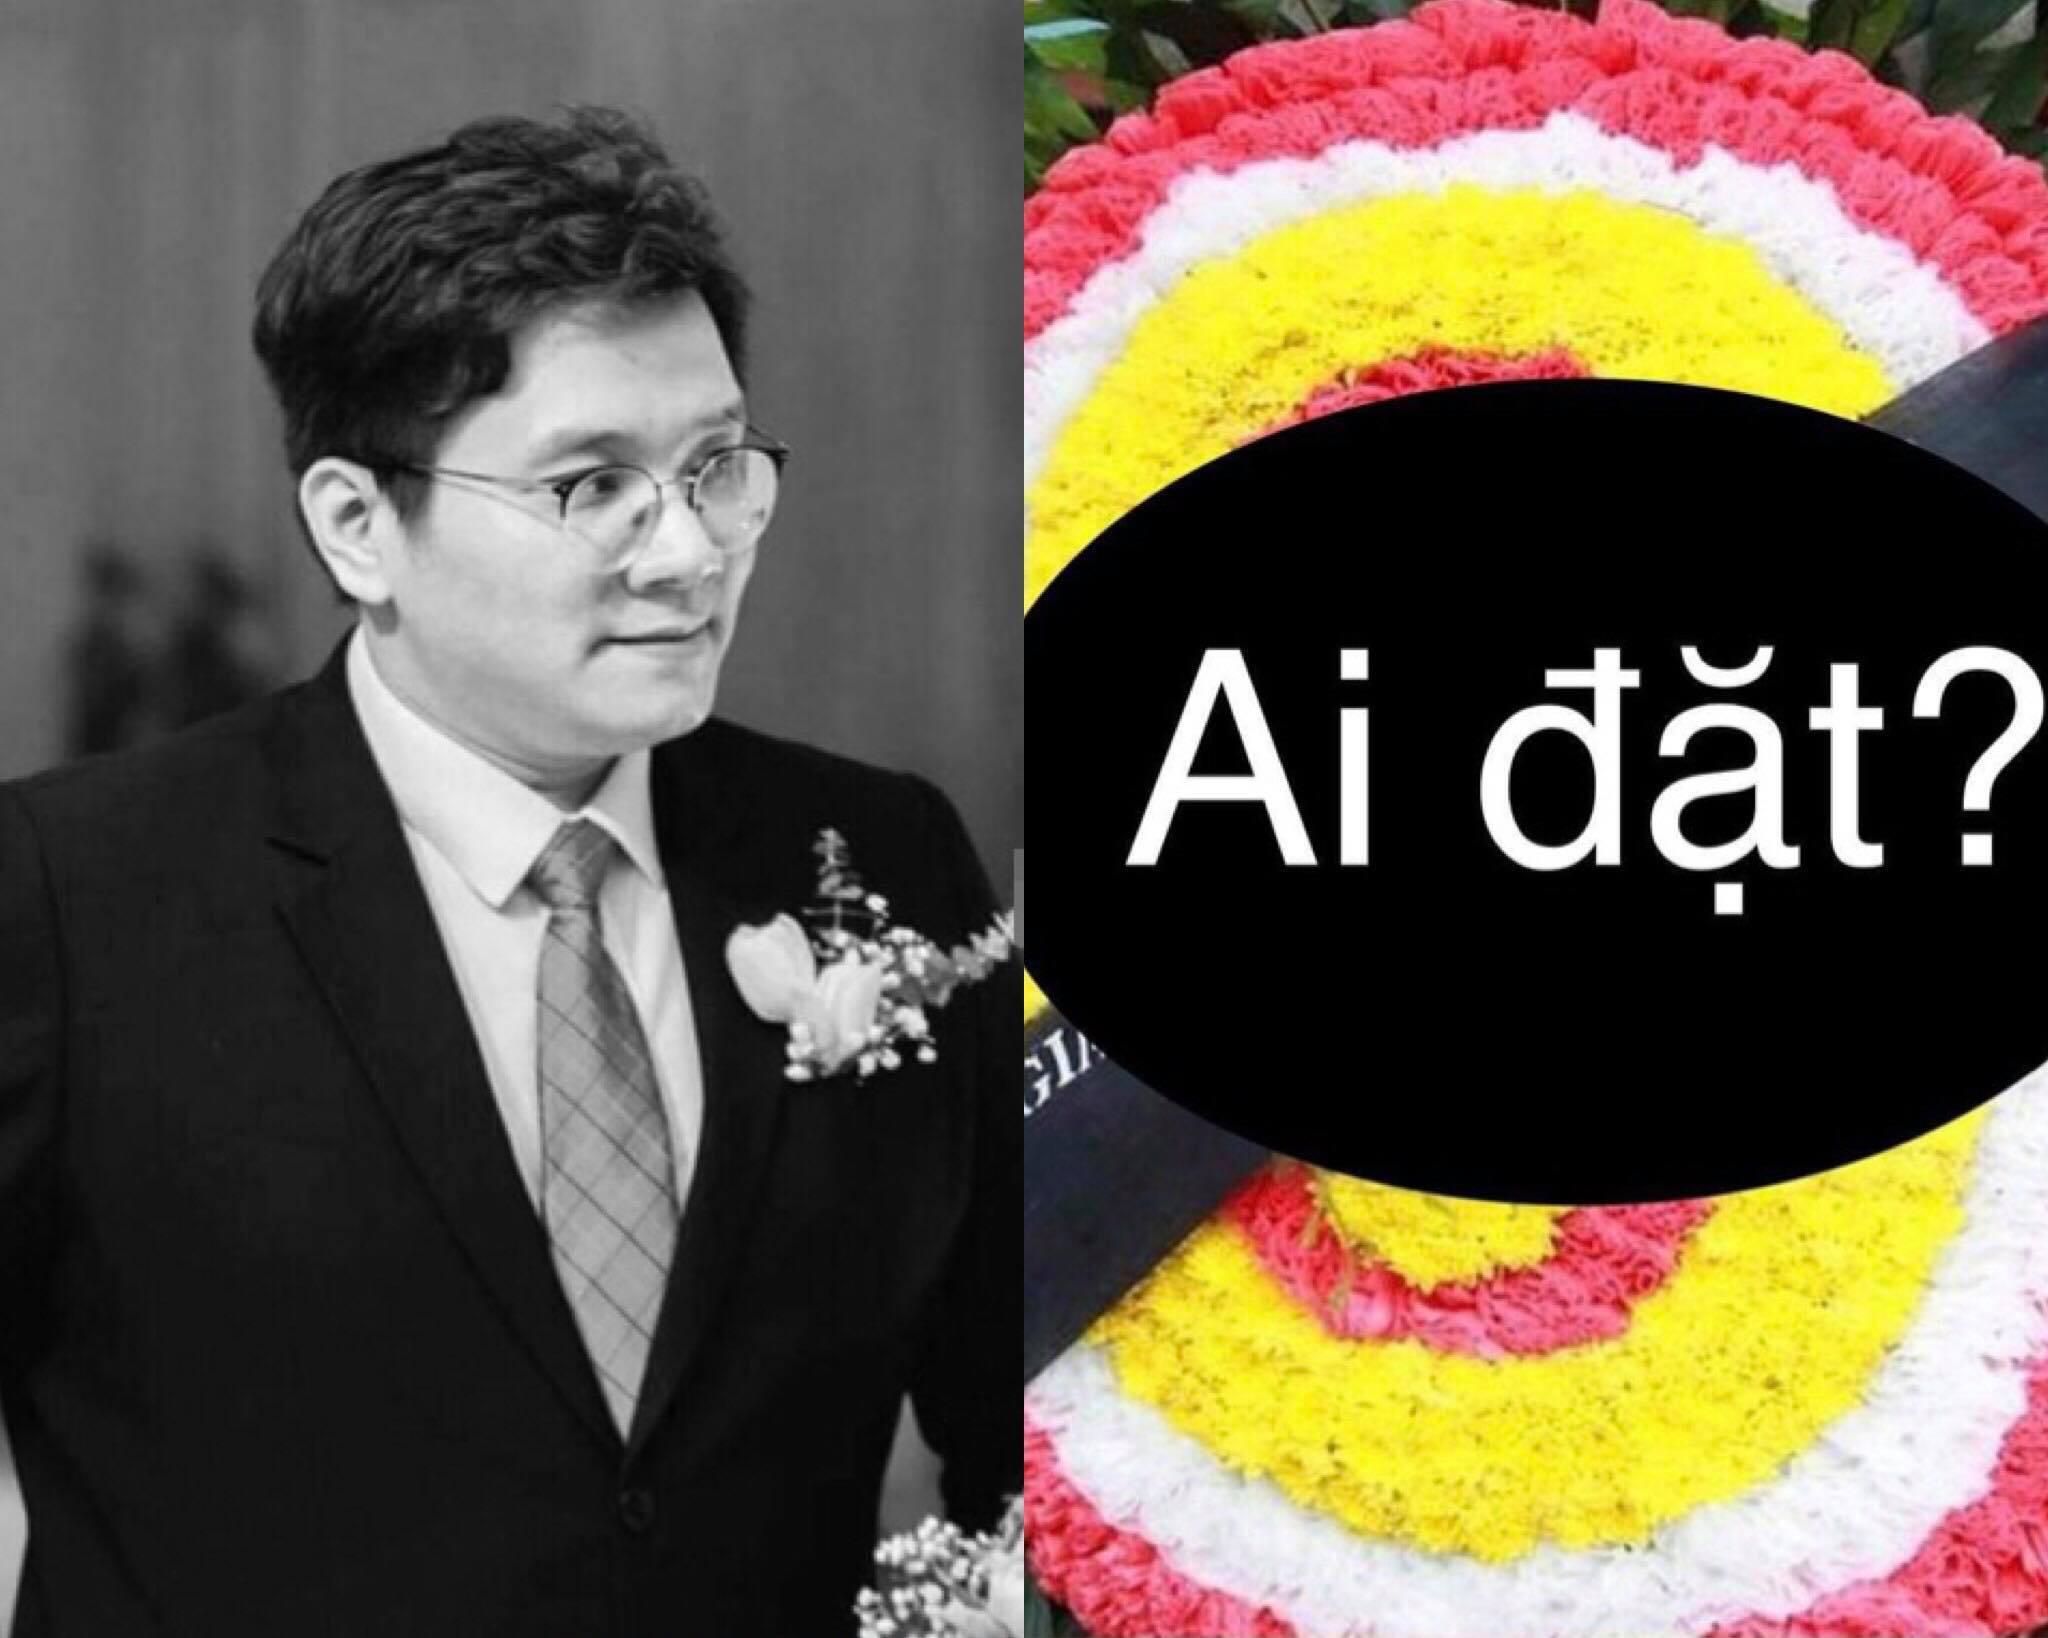 NÓNG: Kẻ lạ mặt bí ẩn giả danh đặt hoa tang cho Nhâm Hoàng Khang